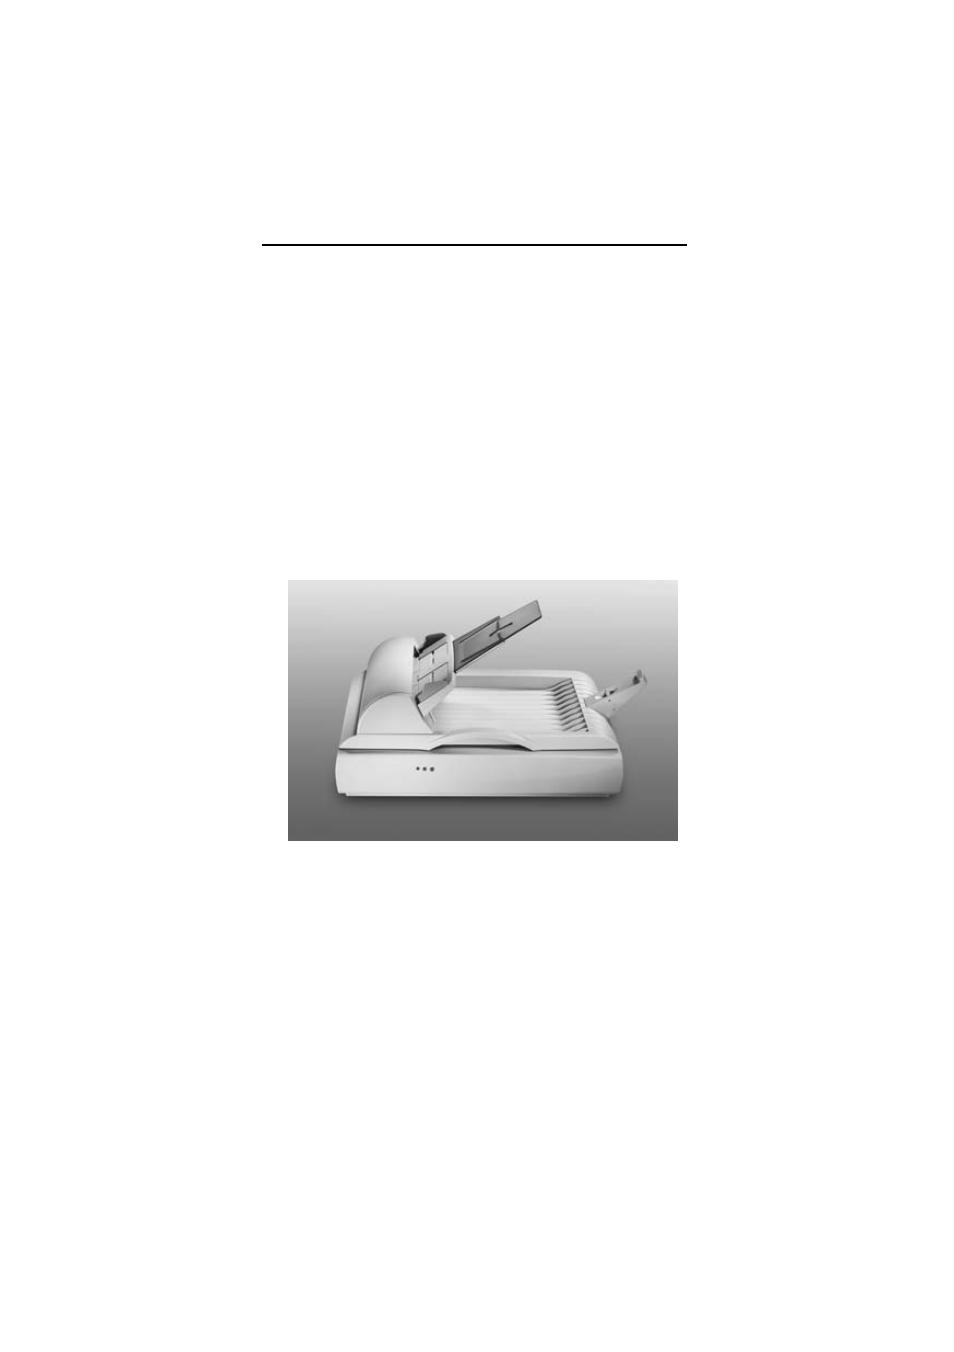 avision av600u manual del usuario p u00e1ginas 68